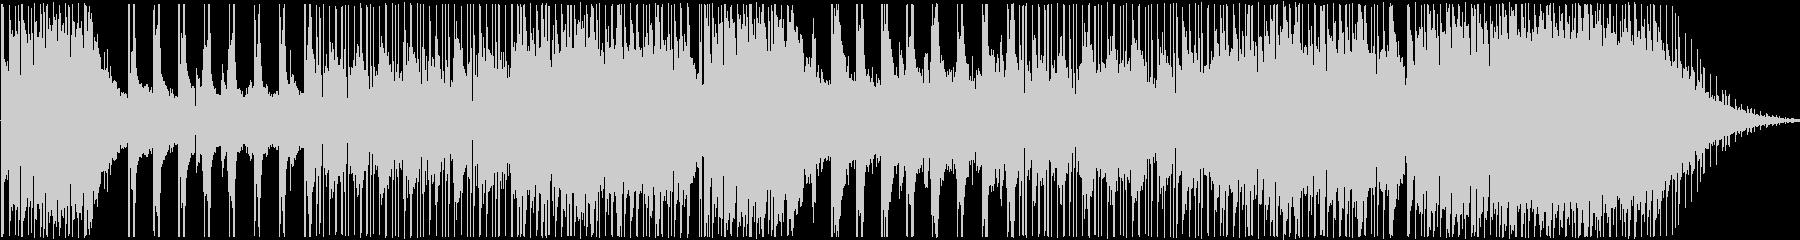 メランコリック。ピアノメイン。の未再生の波形